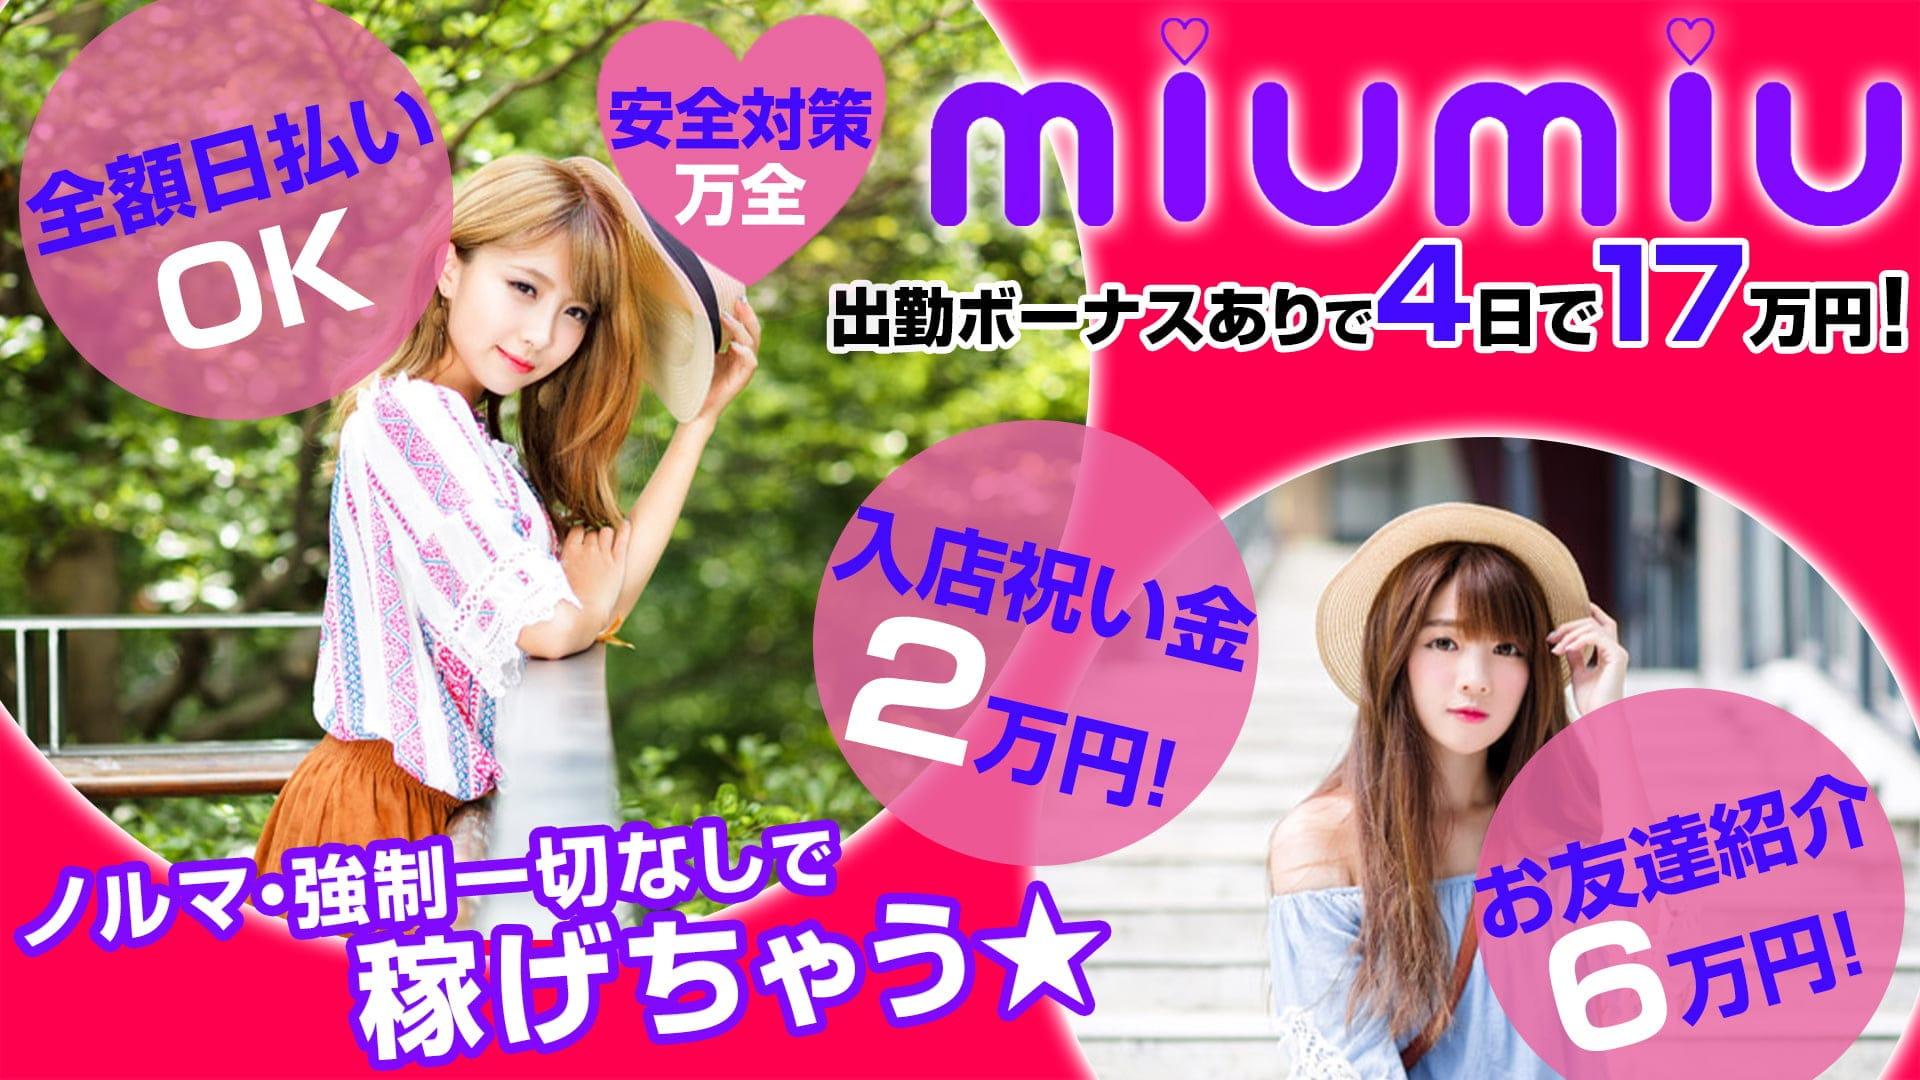 miu-miu(ミュウミュウ)【公式求人・体入情報】 池袋ラウンジ TOP画像